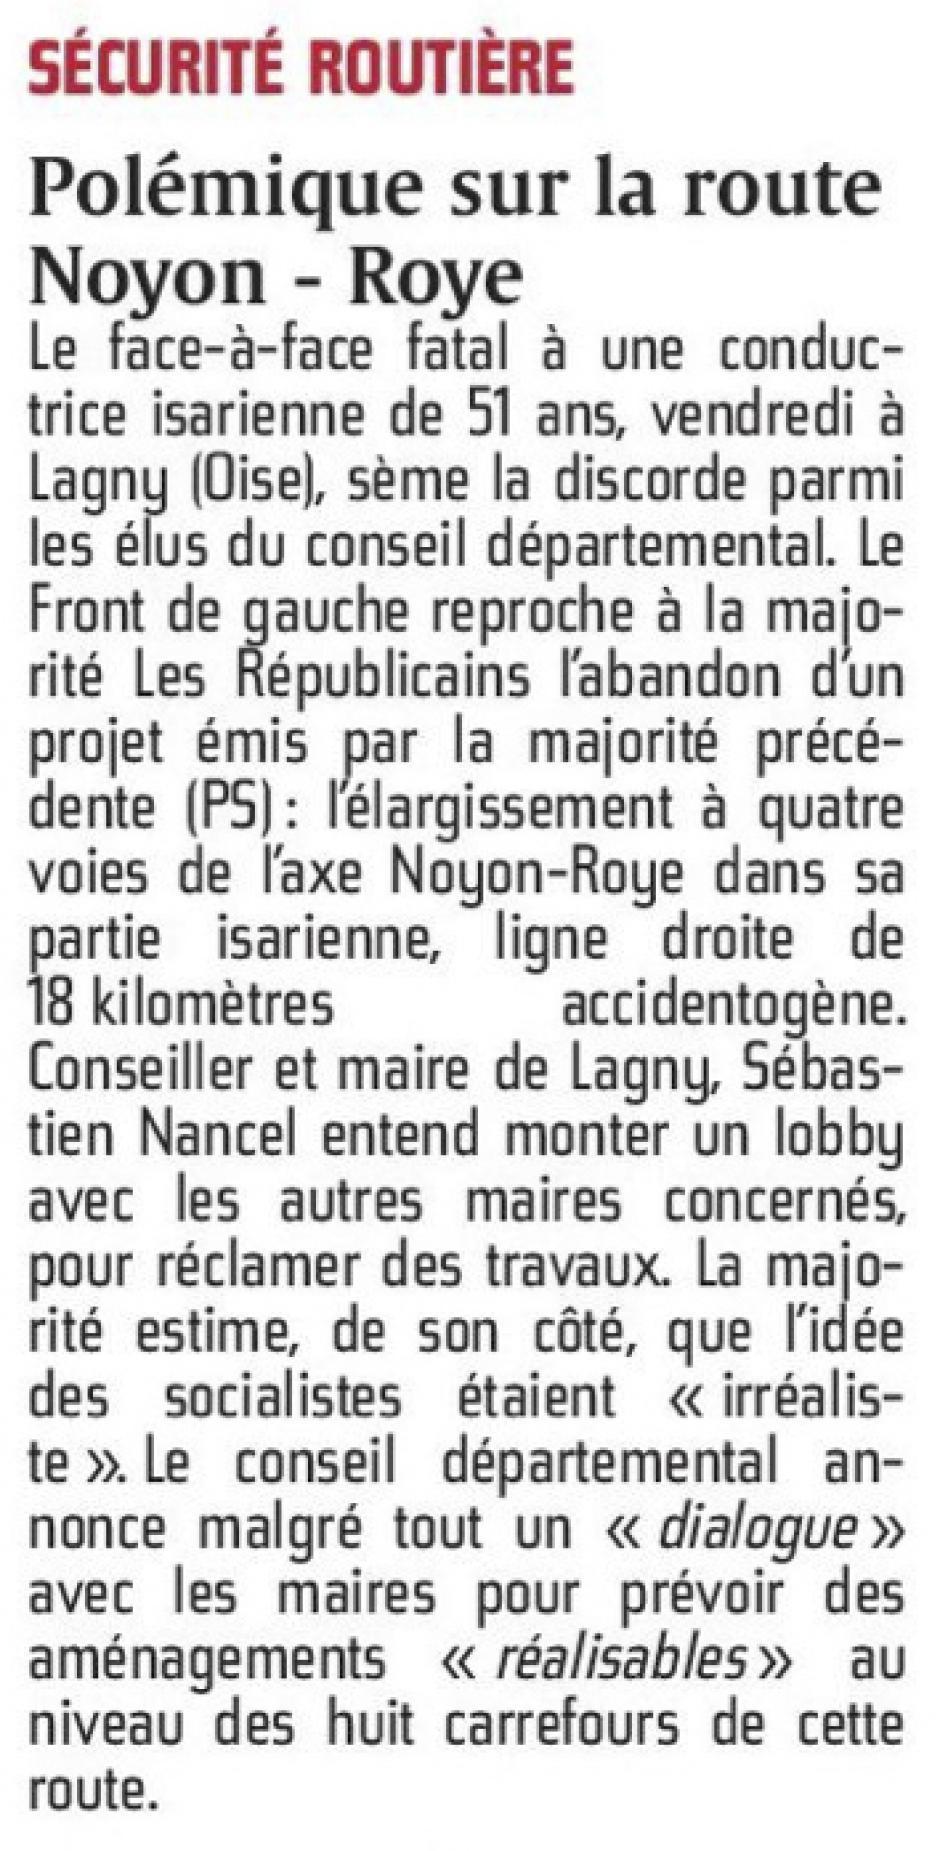 20160112-CP-Oise-Polémique sur la route Noyon-Roye [pages régionales]